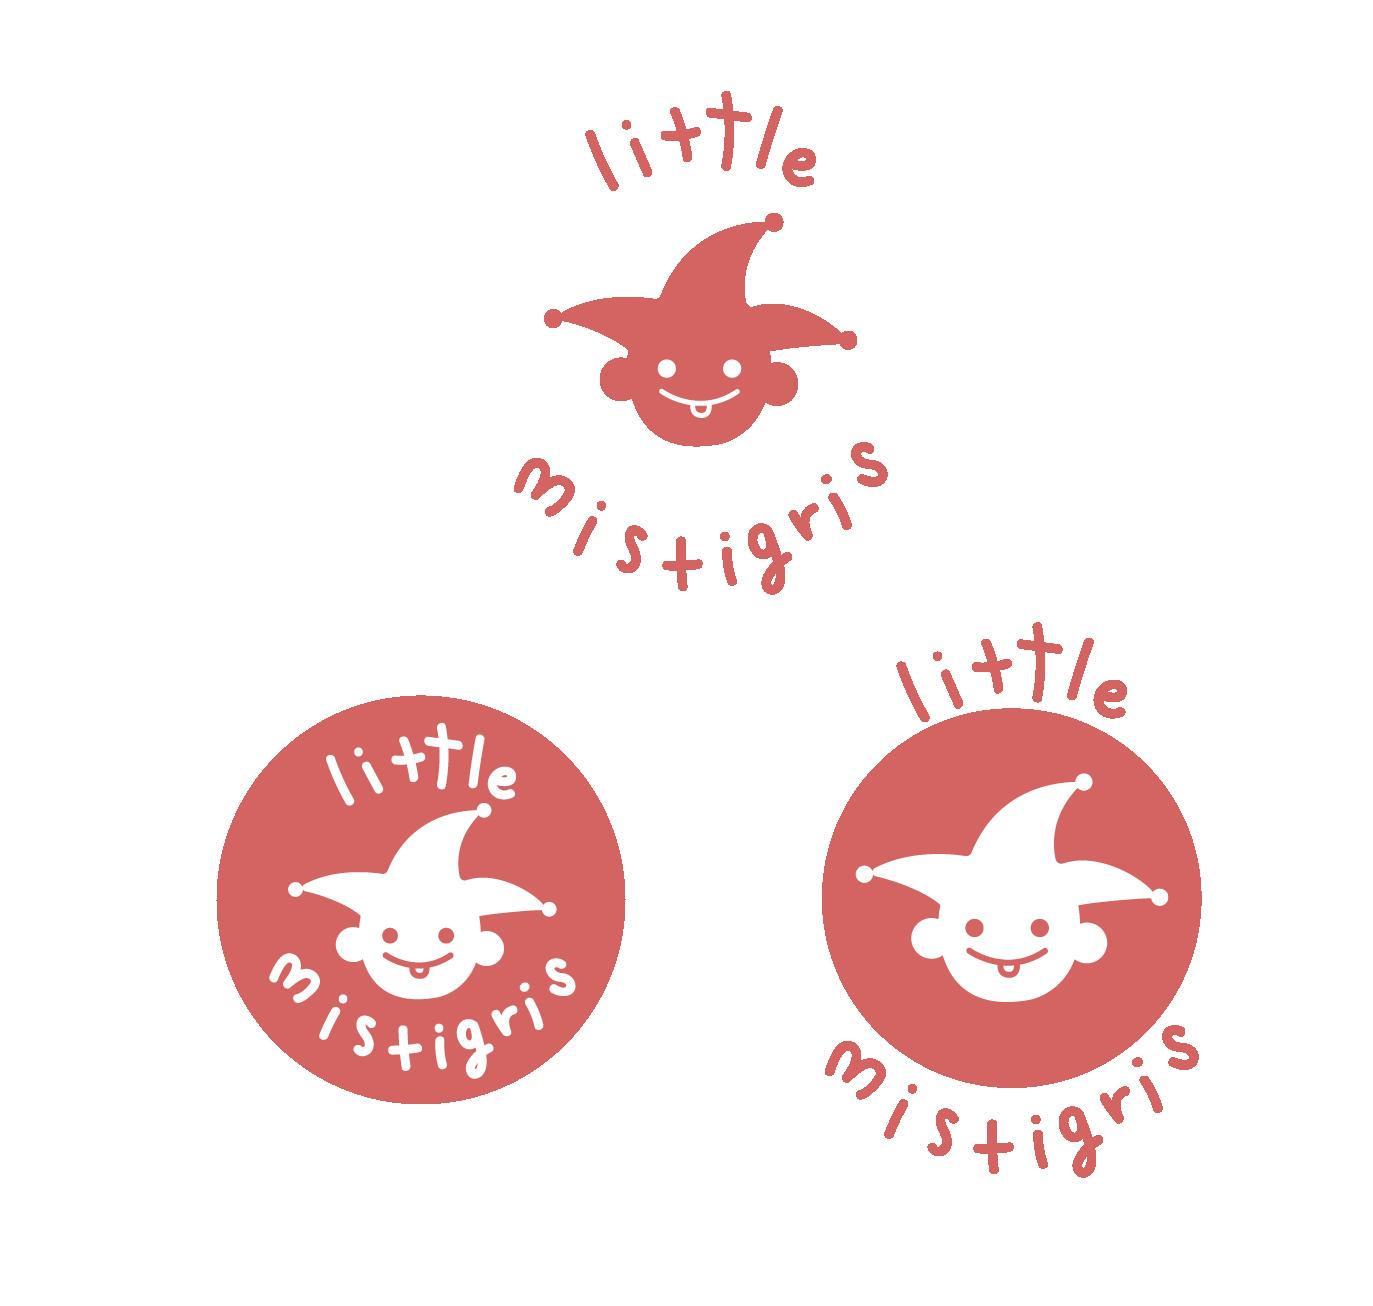 LittleMistigris_logo3.png